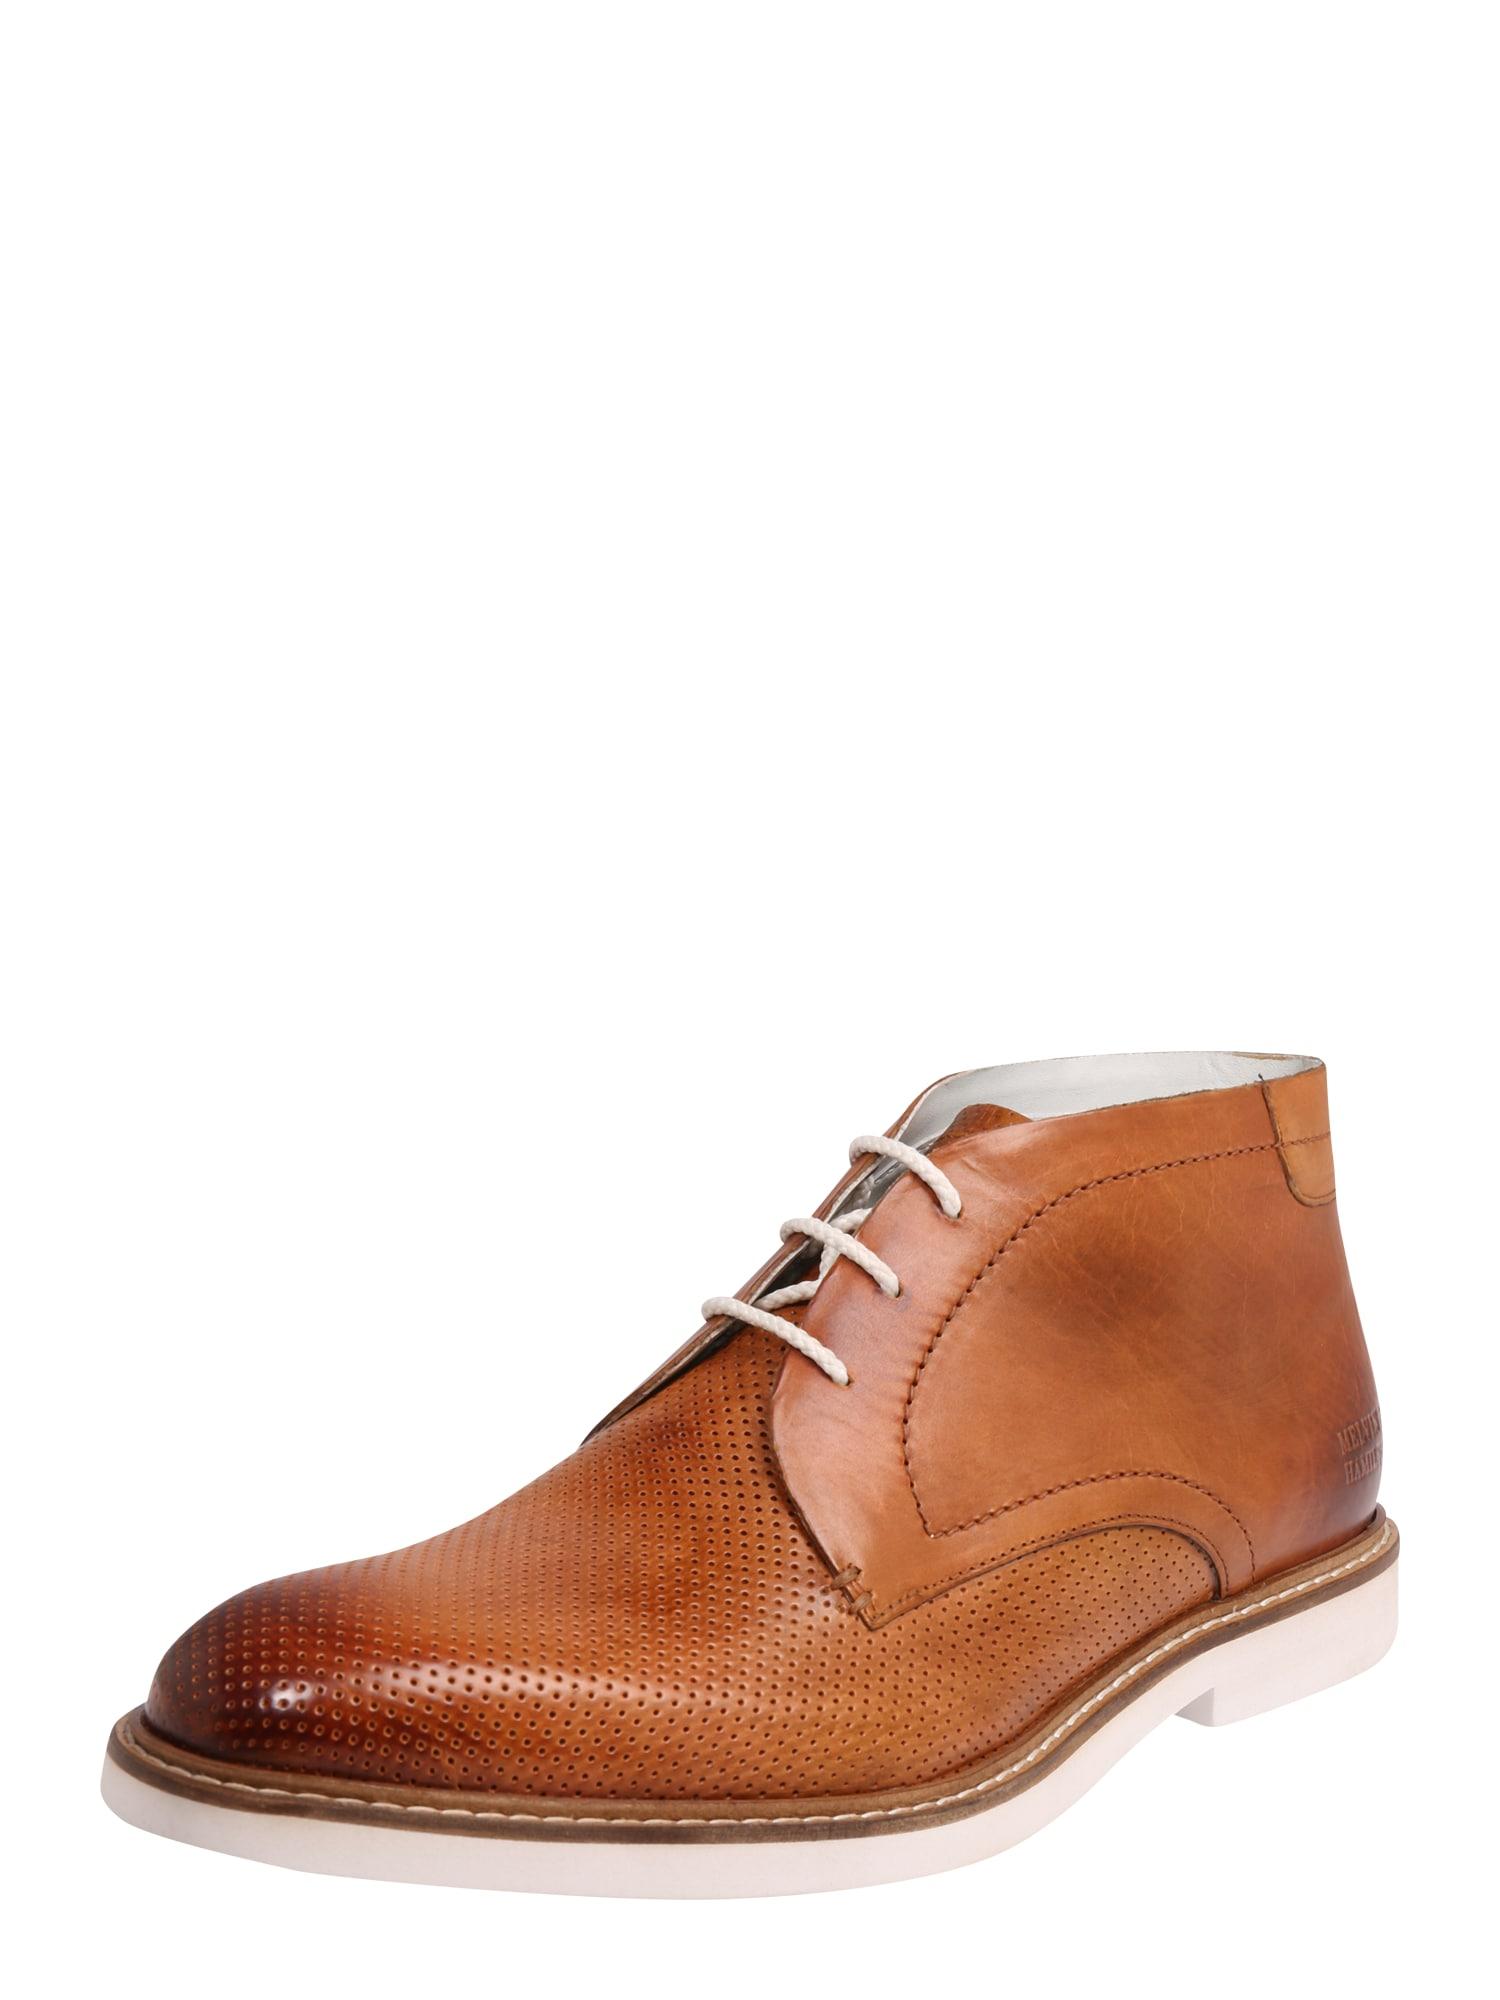 Šněrovací boty Felix 1 hnědá bílá MELVIN & HAMILTON